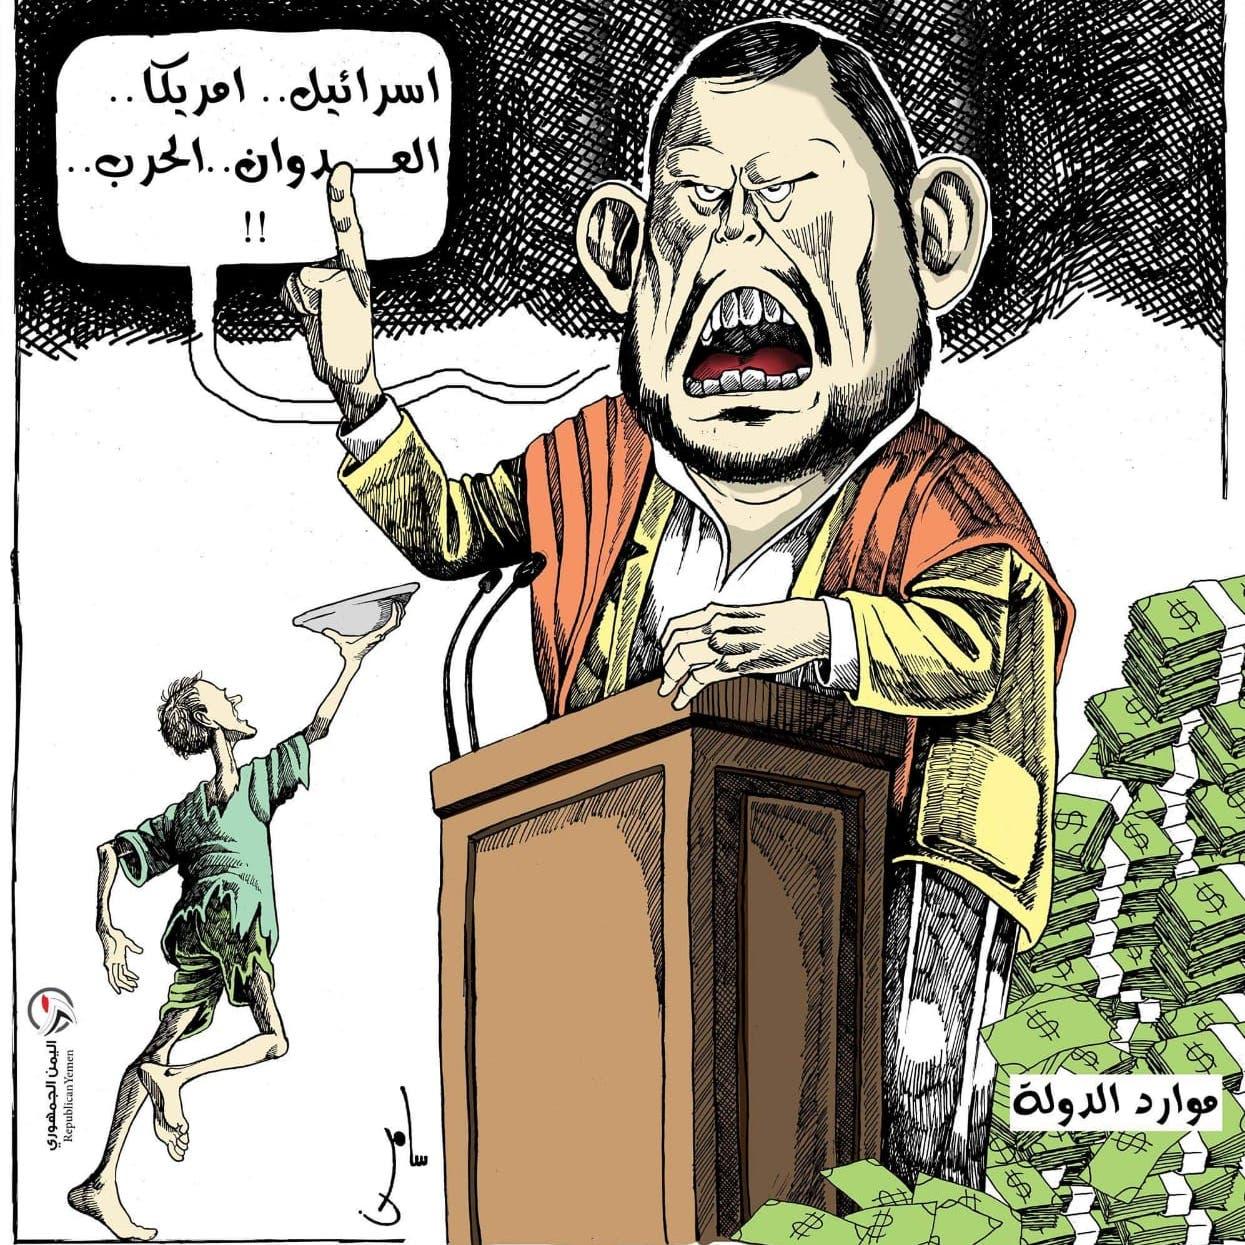 رسام كاريكاتير: أتلقى تهديدات مستمرة من الحوثيين